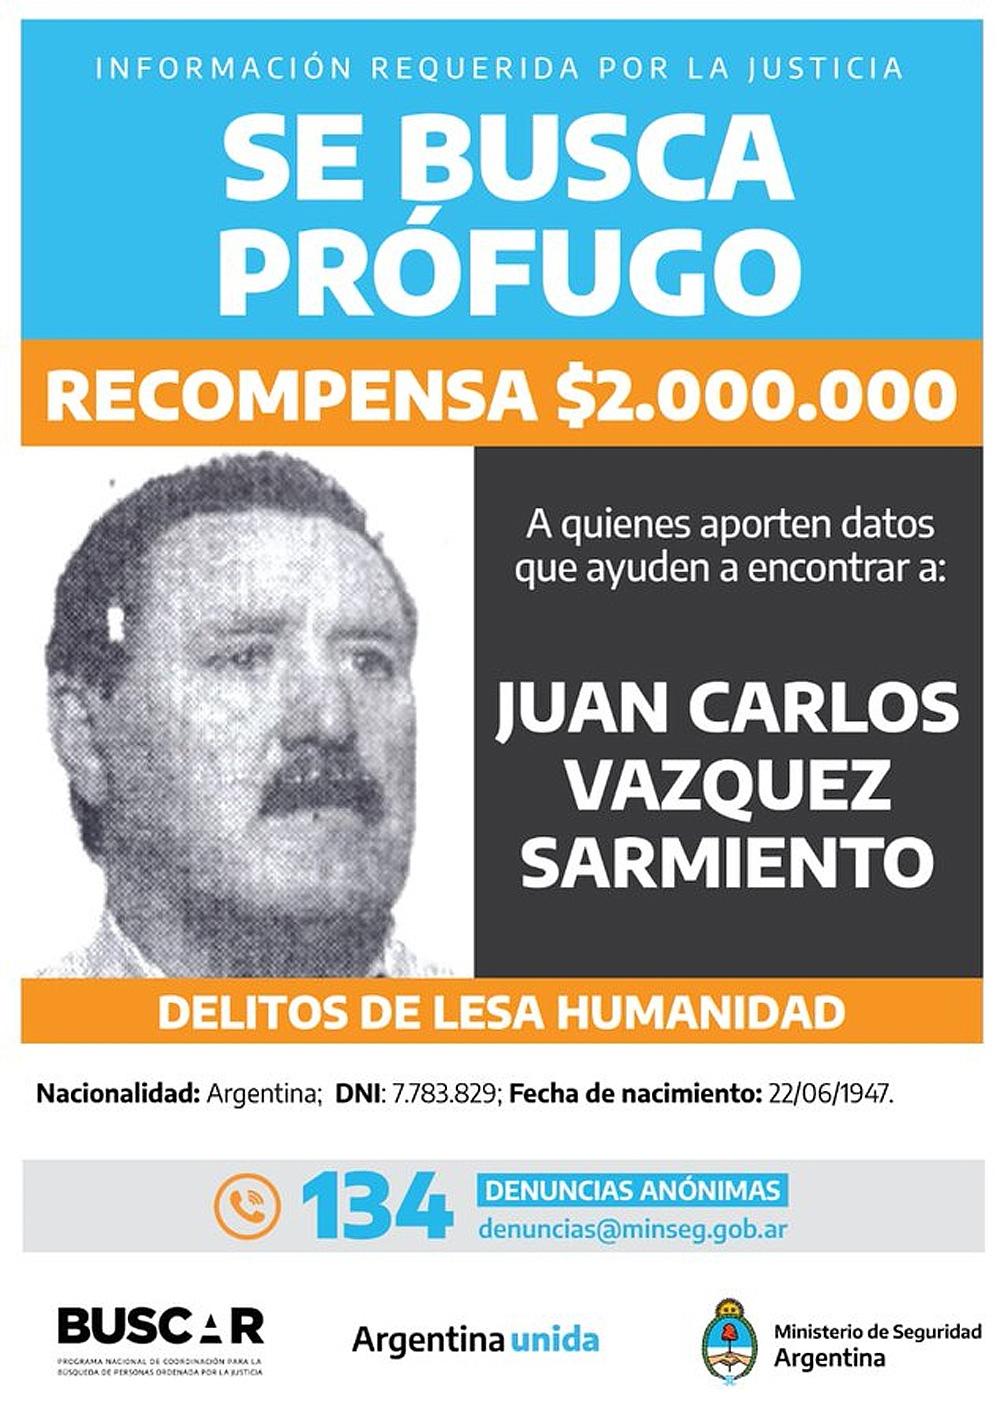 Juan Carlos Vázquez Sarmiento estuvo prófugo durante 18 años.